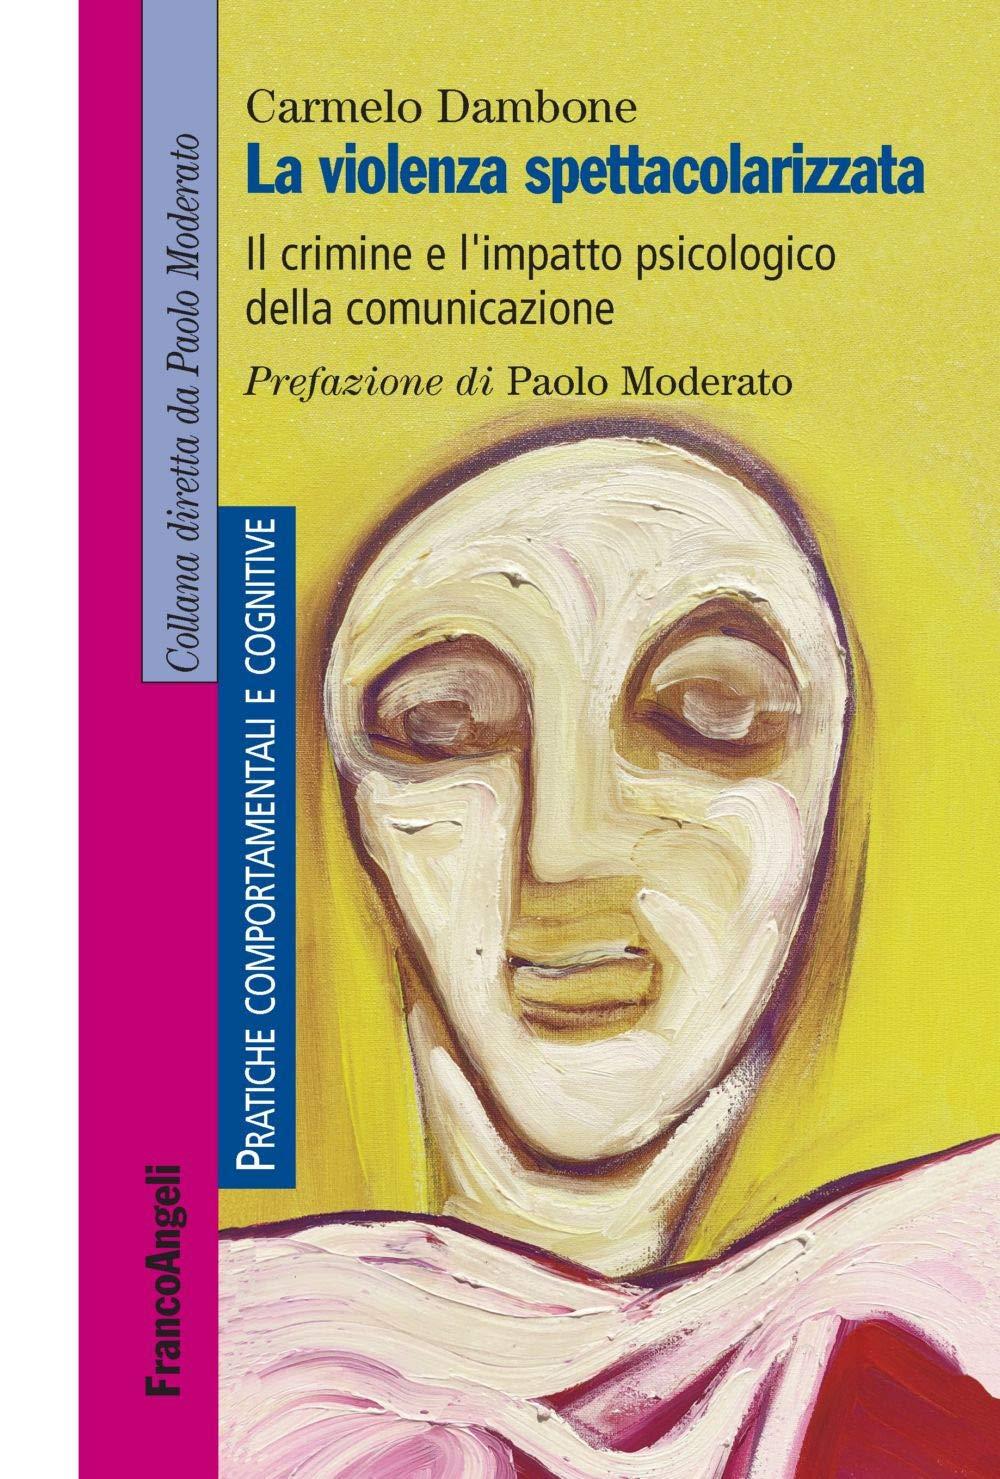 La violenza spettacolarizzata. Il crimine e l'impatto psicologico della comunicazione (2019) di C. Dambone – Recensione